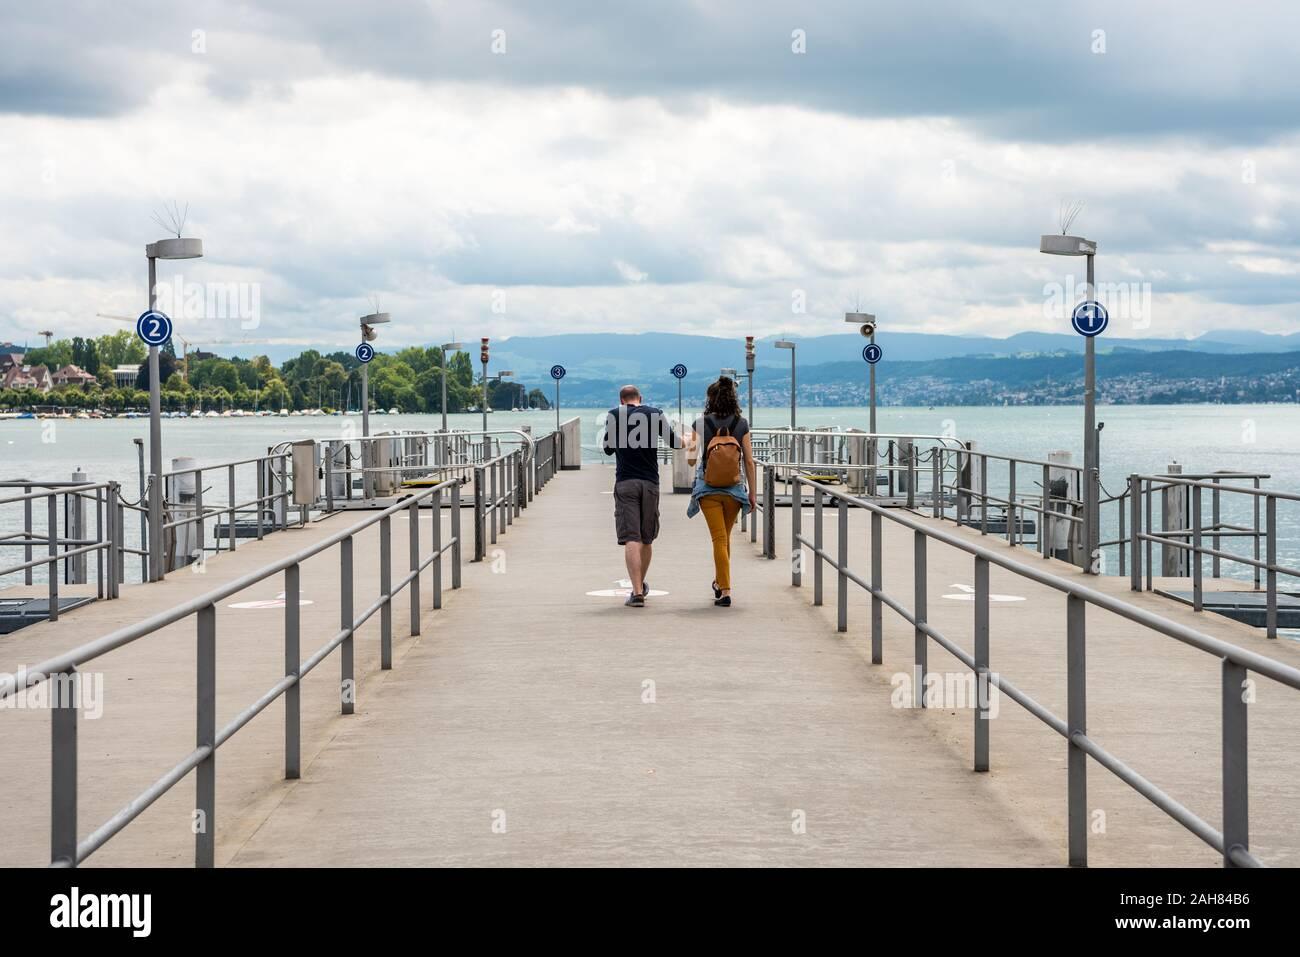 Couple aimant marcher à quai des navires de croisière sur le lac de Zurich avec fond de bâtiments au Lakeshore à Zurich, Suisse. Banque D'Images